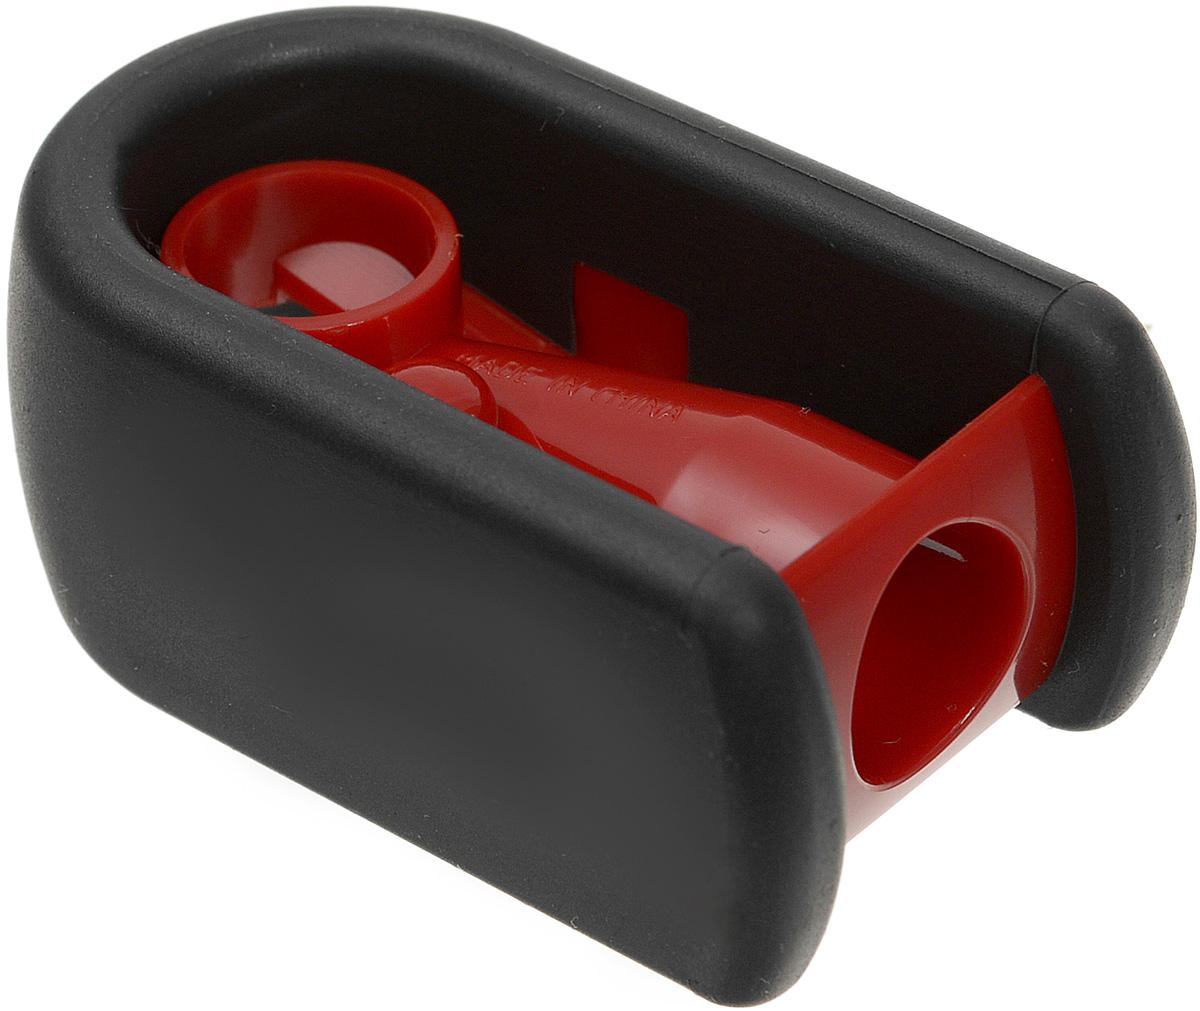 Faber-Castell Точилка цвет красный черный184801_красныйТочилка Faber-Castell предназначена для затачивания классических простых и цветных карандашей. Точилка, выполненная в форме магнита, содержит матовую область для захвата. Острые лезвия обеспечивают высококачественную и точную заточку деревянных карандашей.